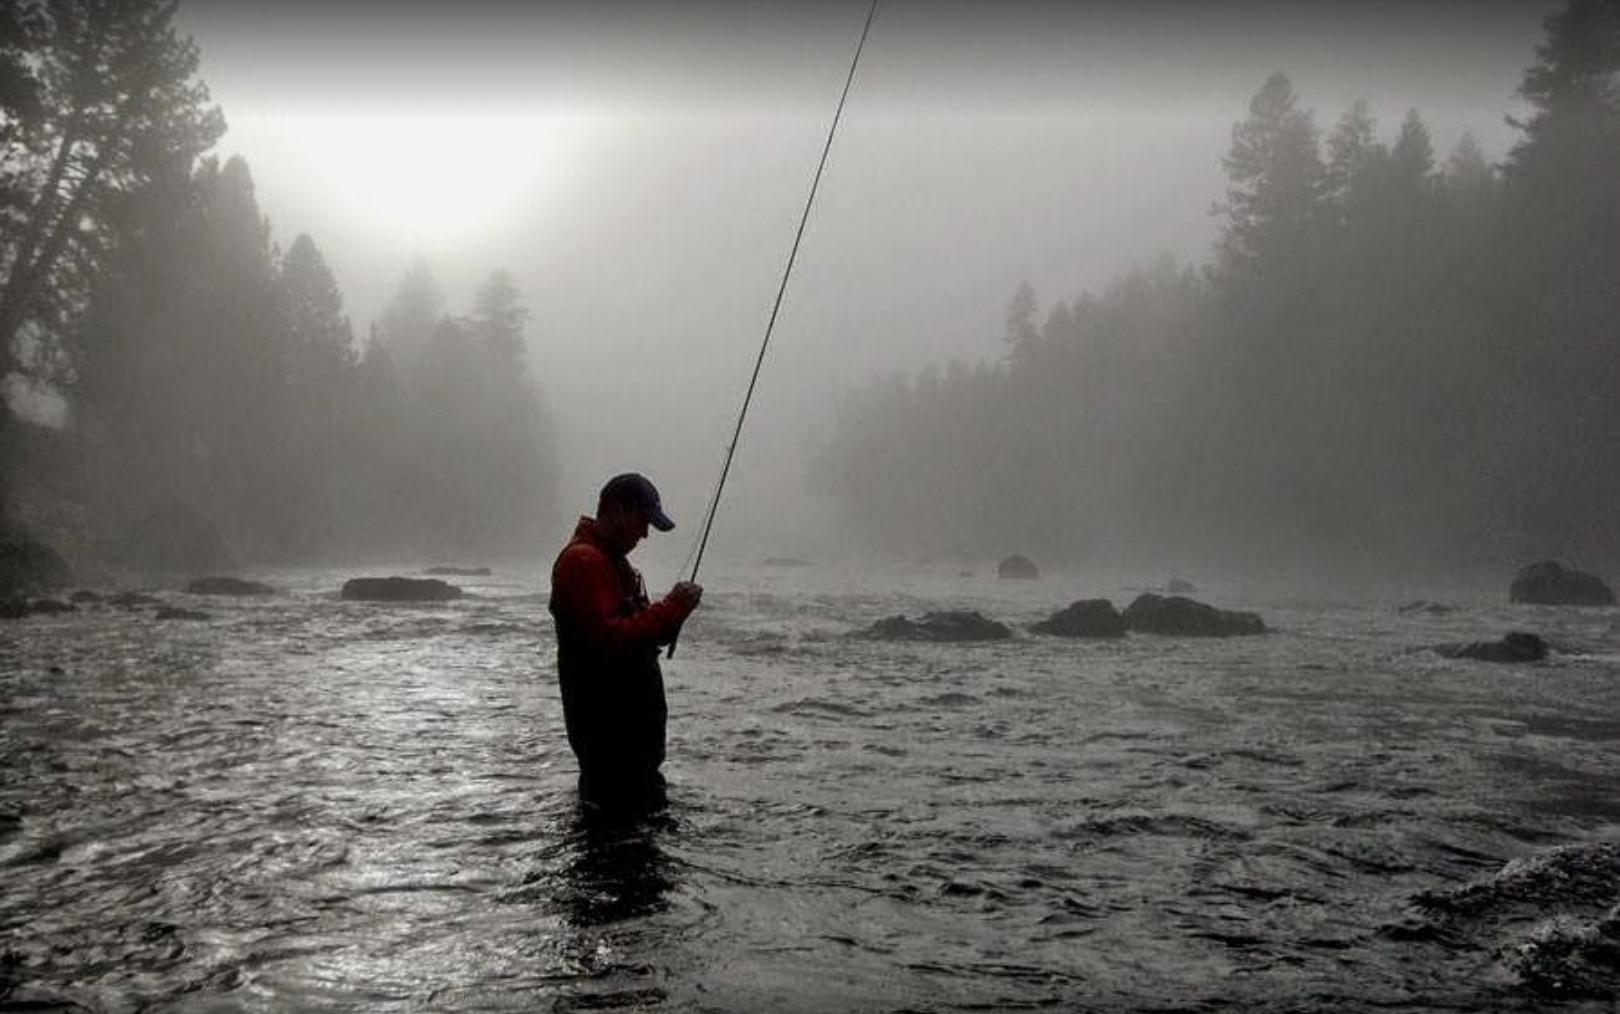 Golden River Sports – Kayaking, SUP, Fly Fishing, Tubing